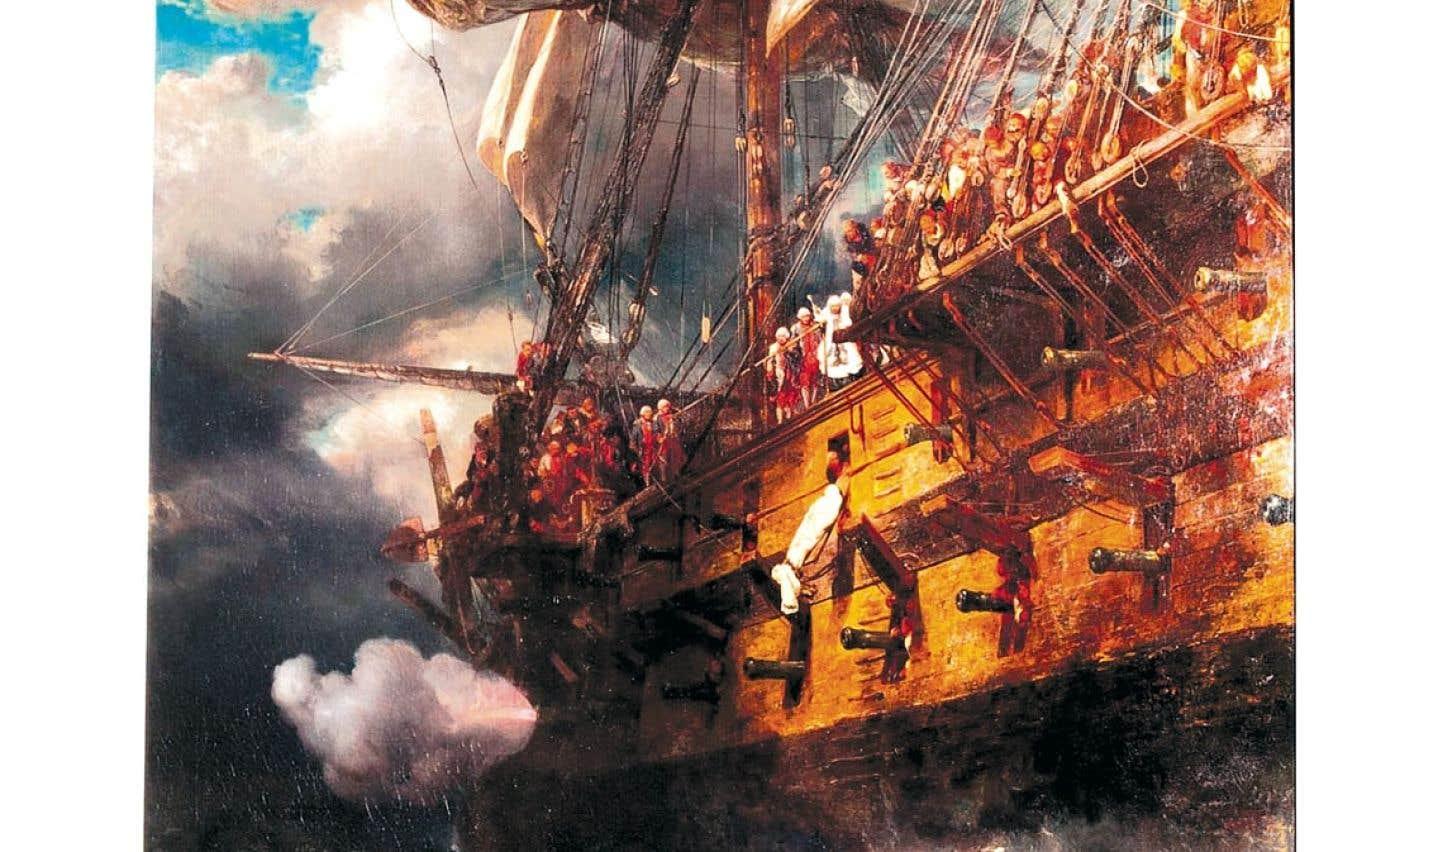 Le MBAM a acquis Funérailles d'un officier de marine sous Louis XVI, une huile d'Eugène Isabey datée de 1836. La toile sera un des points centraux du futur pavillon d'art international du musée.